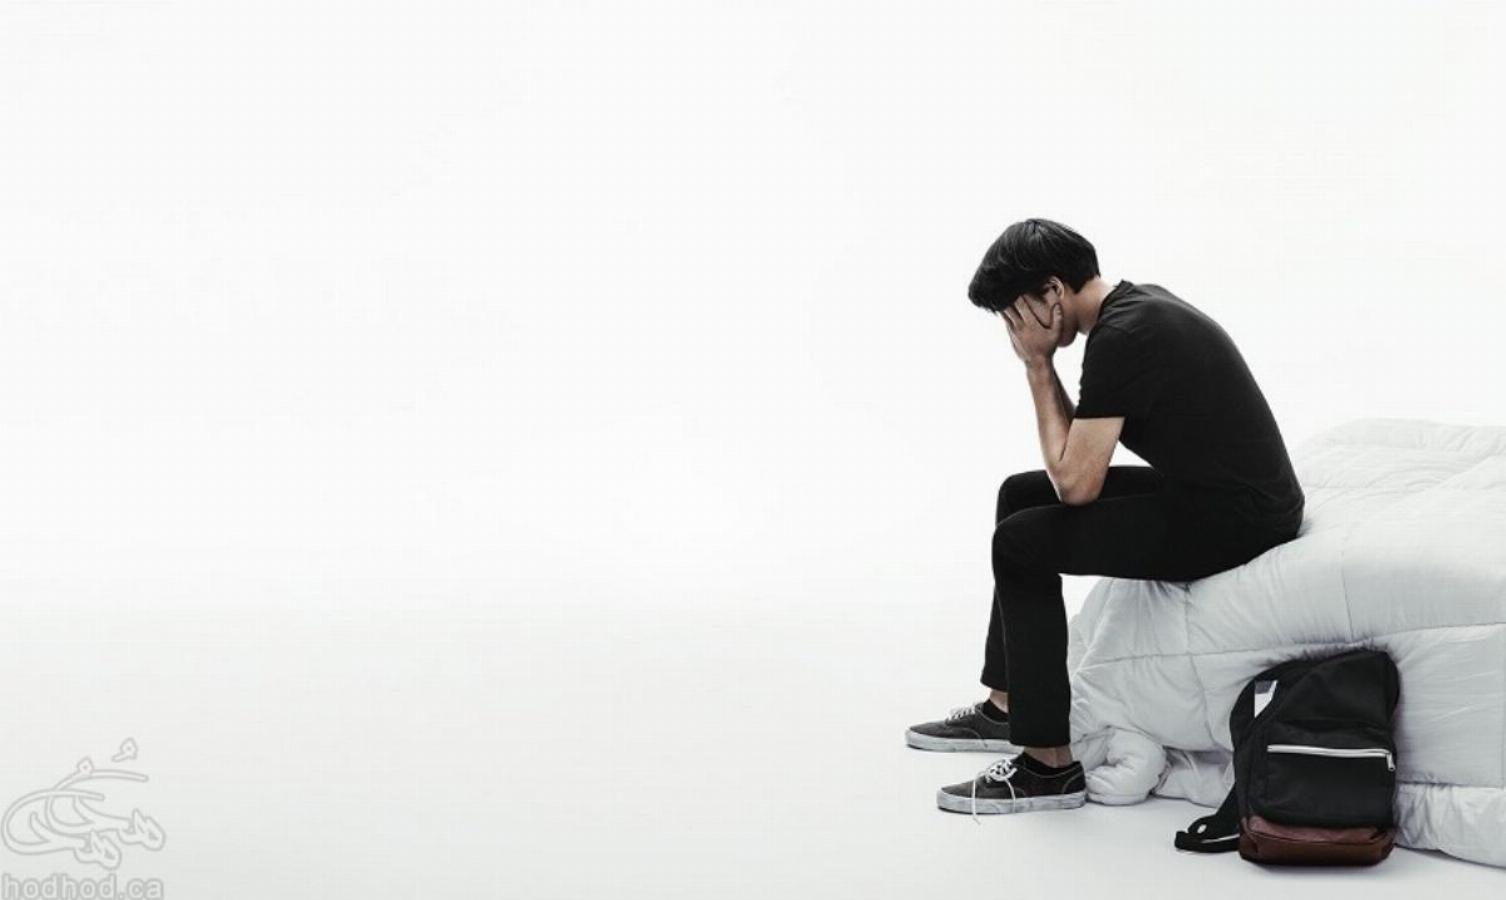 افسردگی و خطر خودکشی در مهاجران، بخش دوم